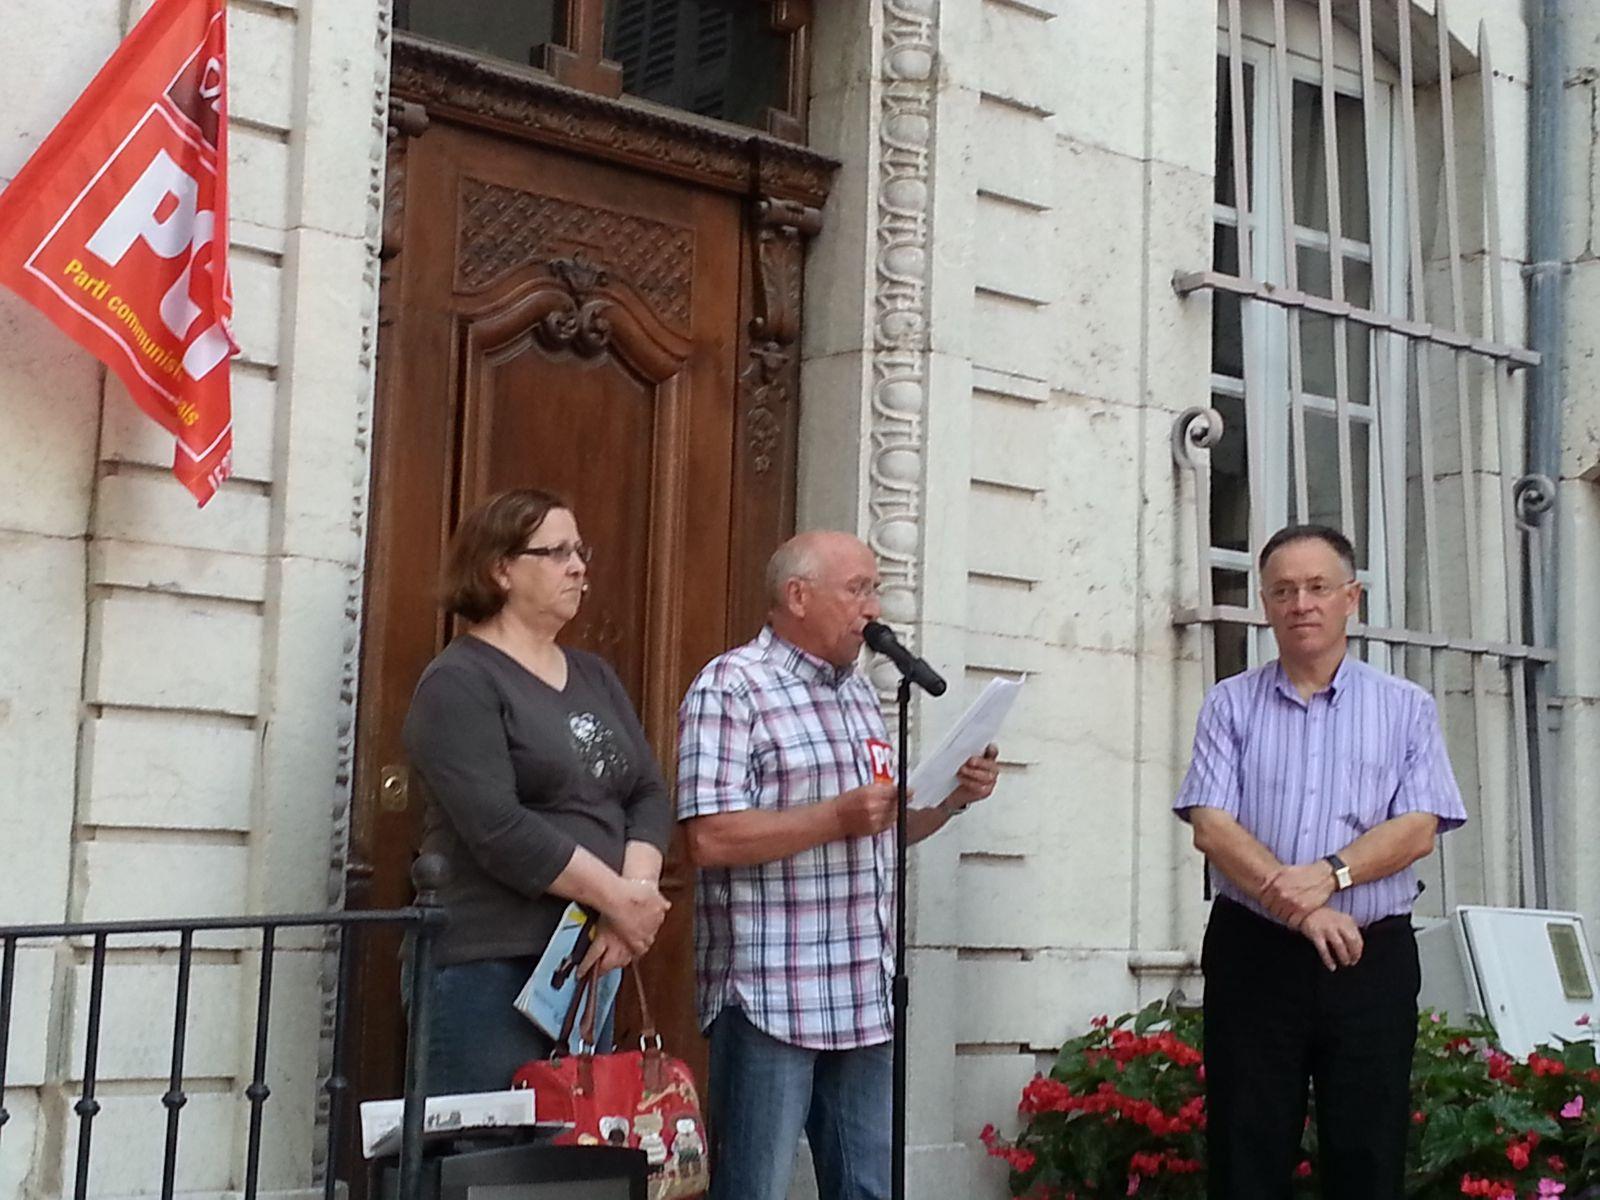 Election cantonale : Réunion publique et citoyenne au Val le 2/10/2013